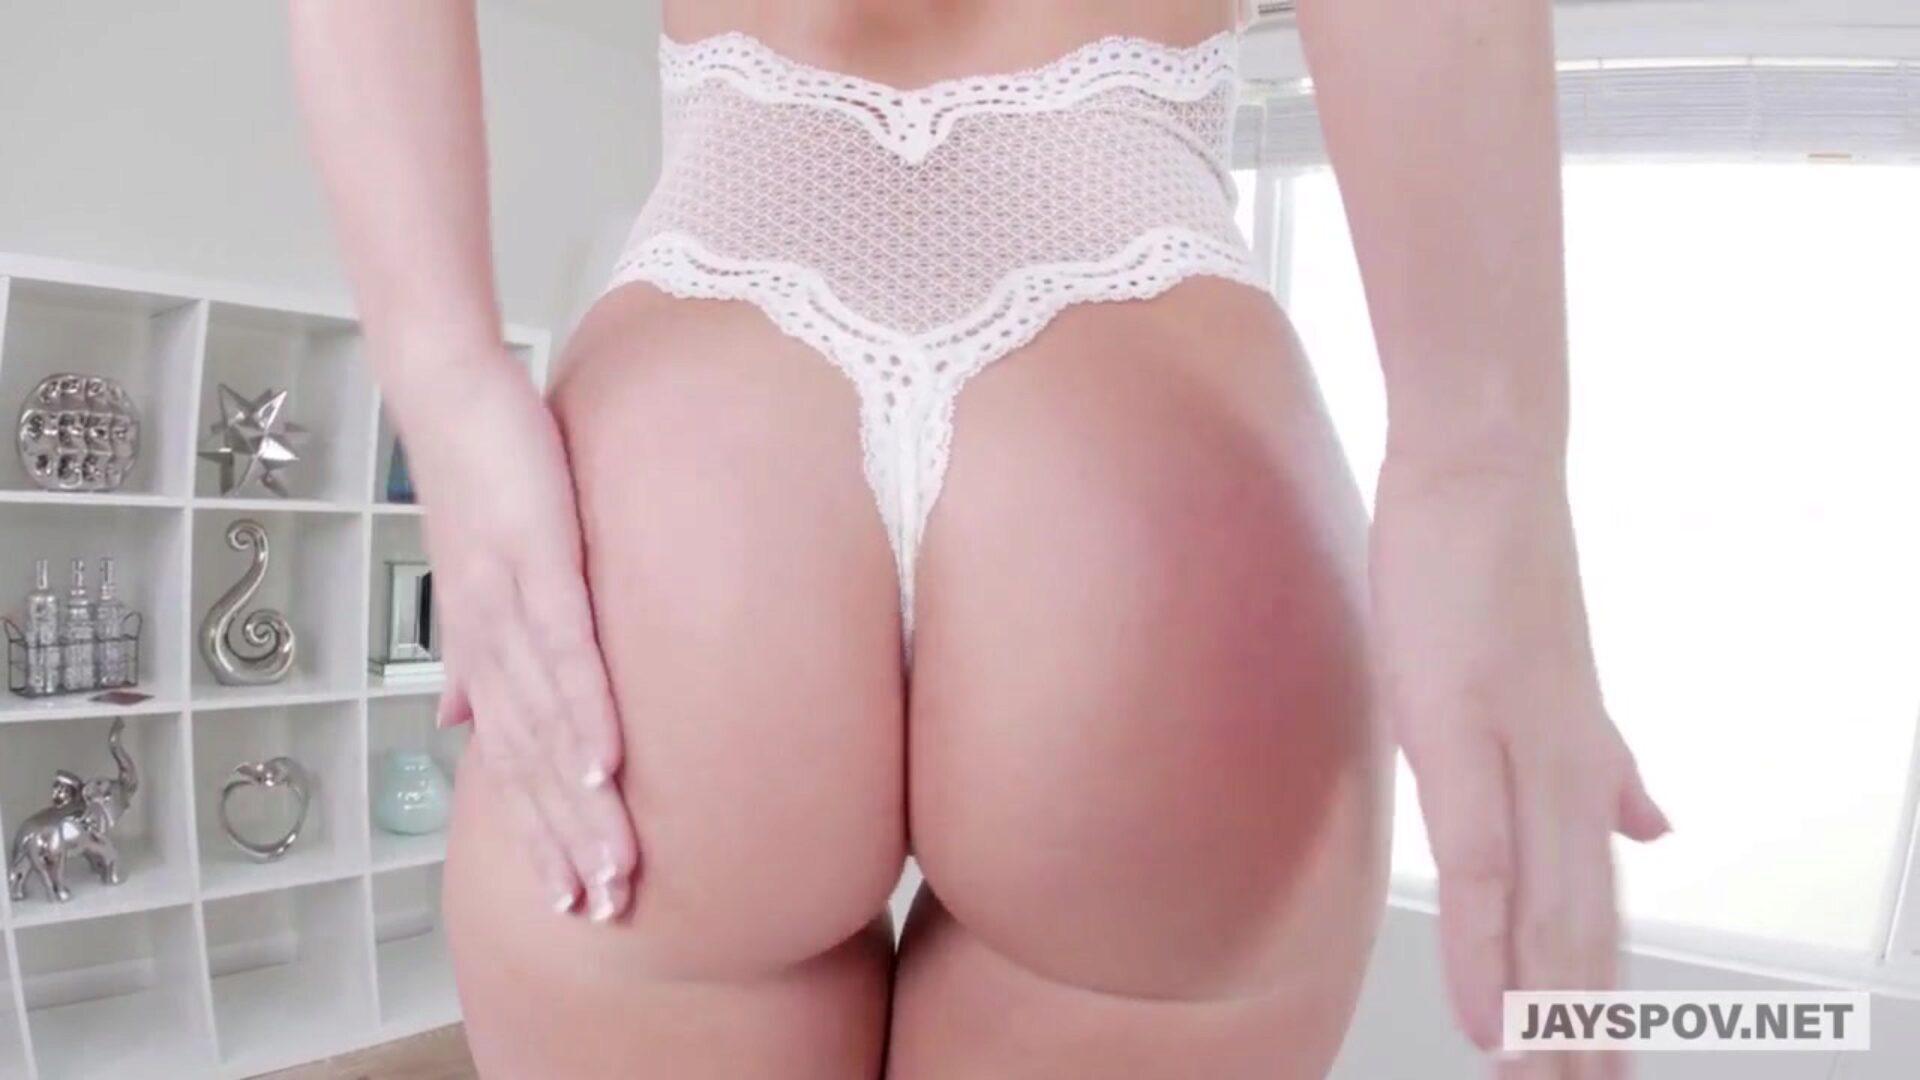 Tökéletes szőke tinik - xxx videók ingyen